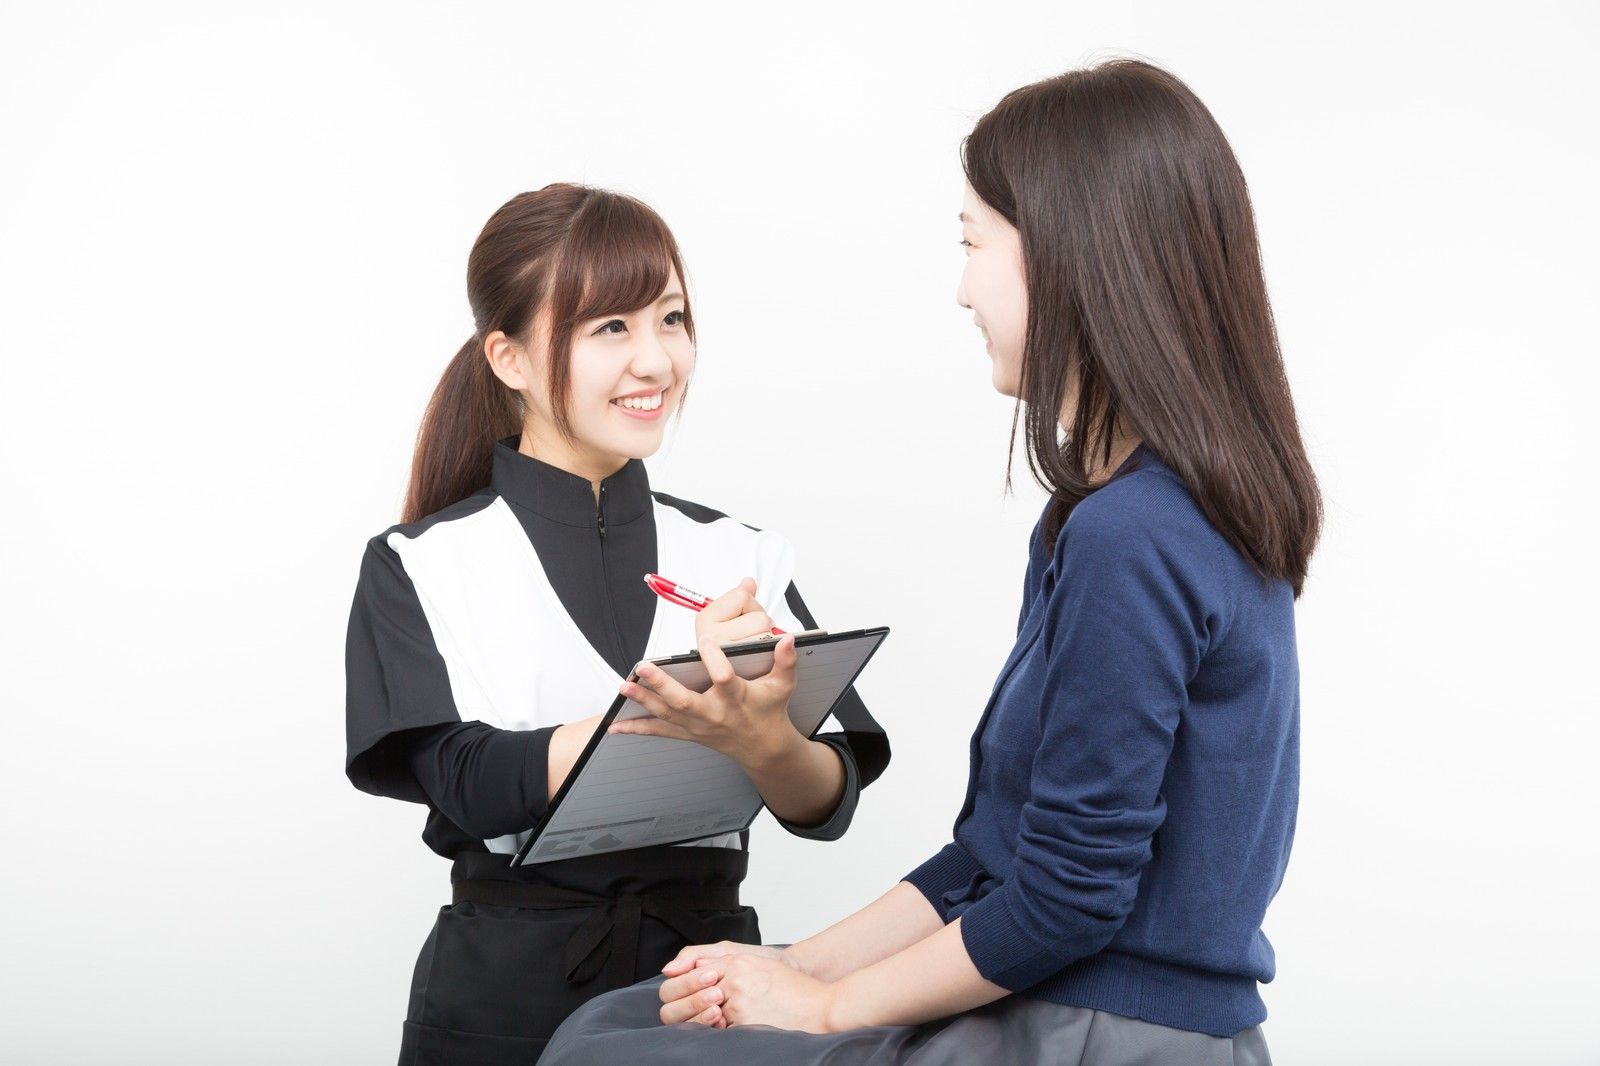 「患者の体調を問診する女性スタッフ」の写真[モデル:河村友歌]